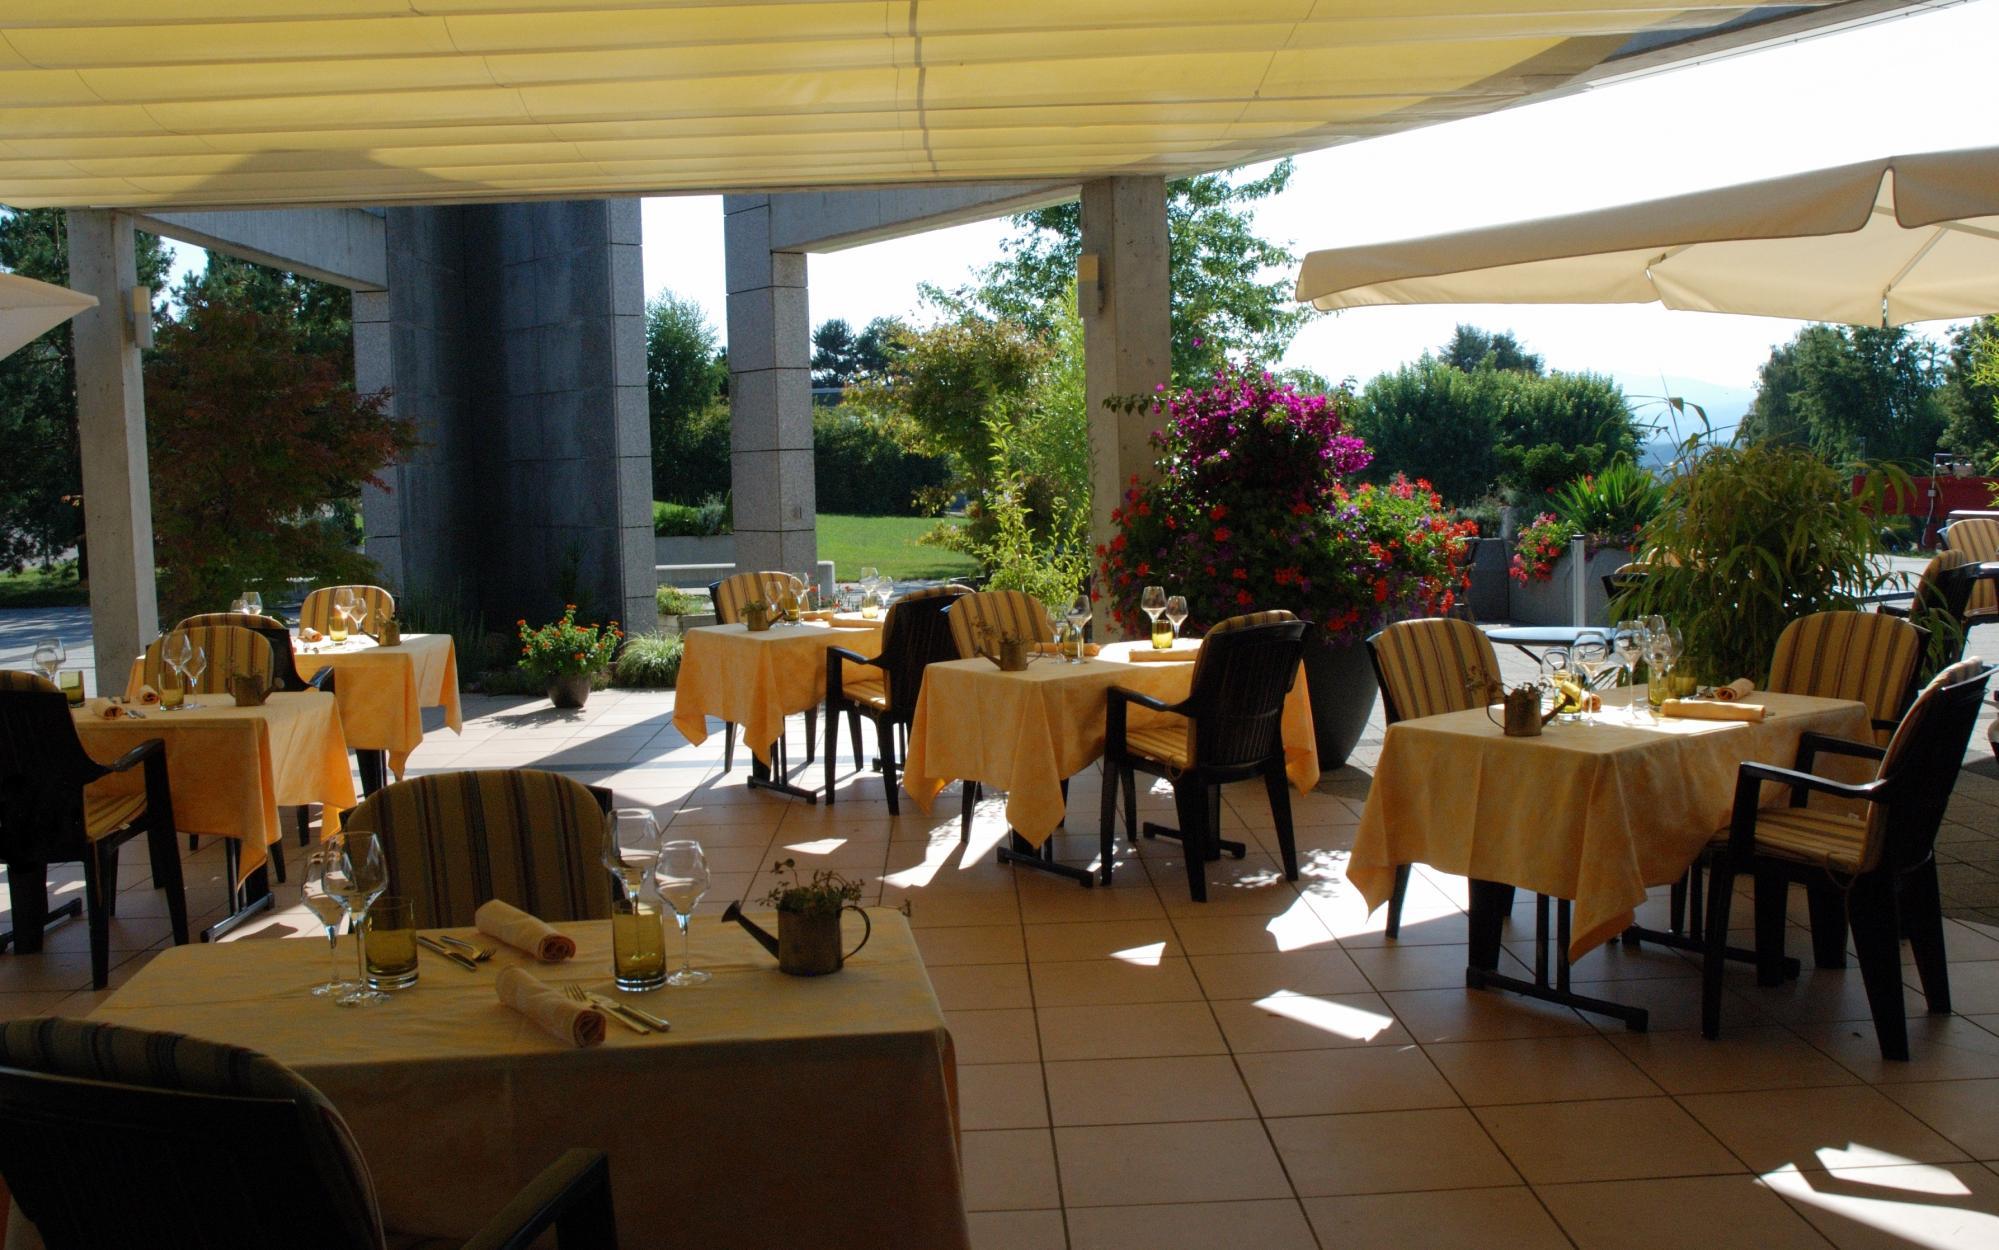 Restaurant la table de mary 1 16 points gm - Restaurant la table villeneuve d ascq ...